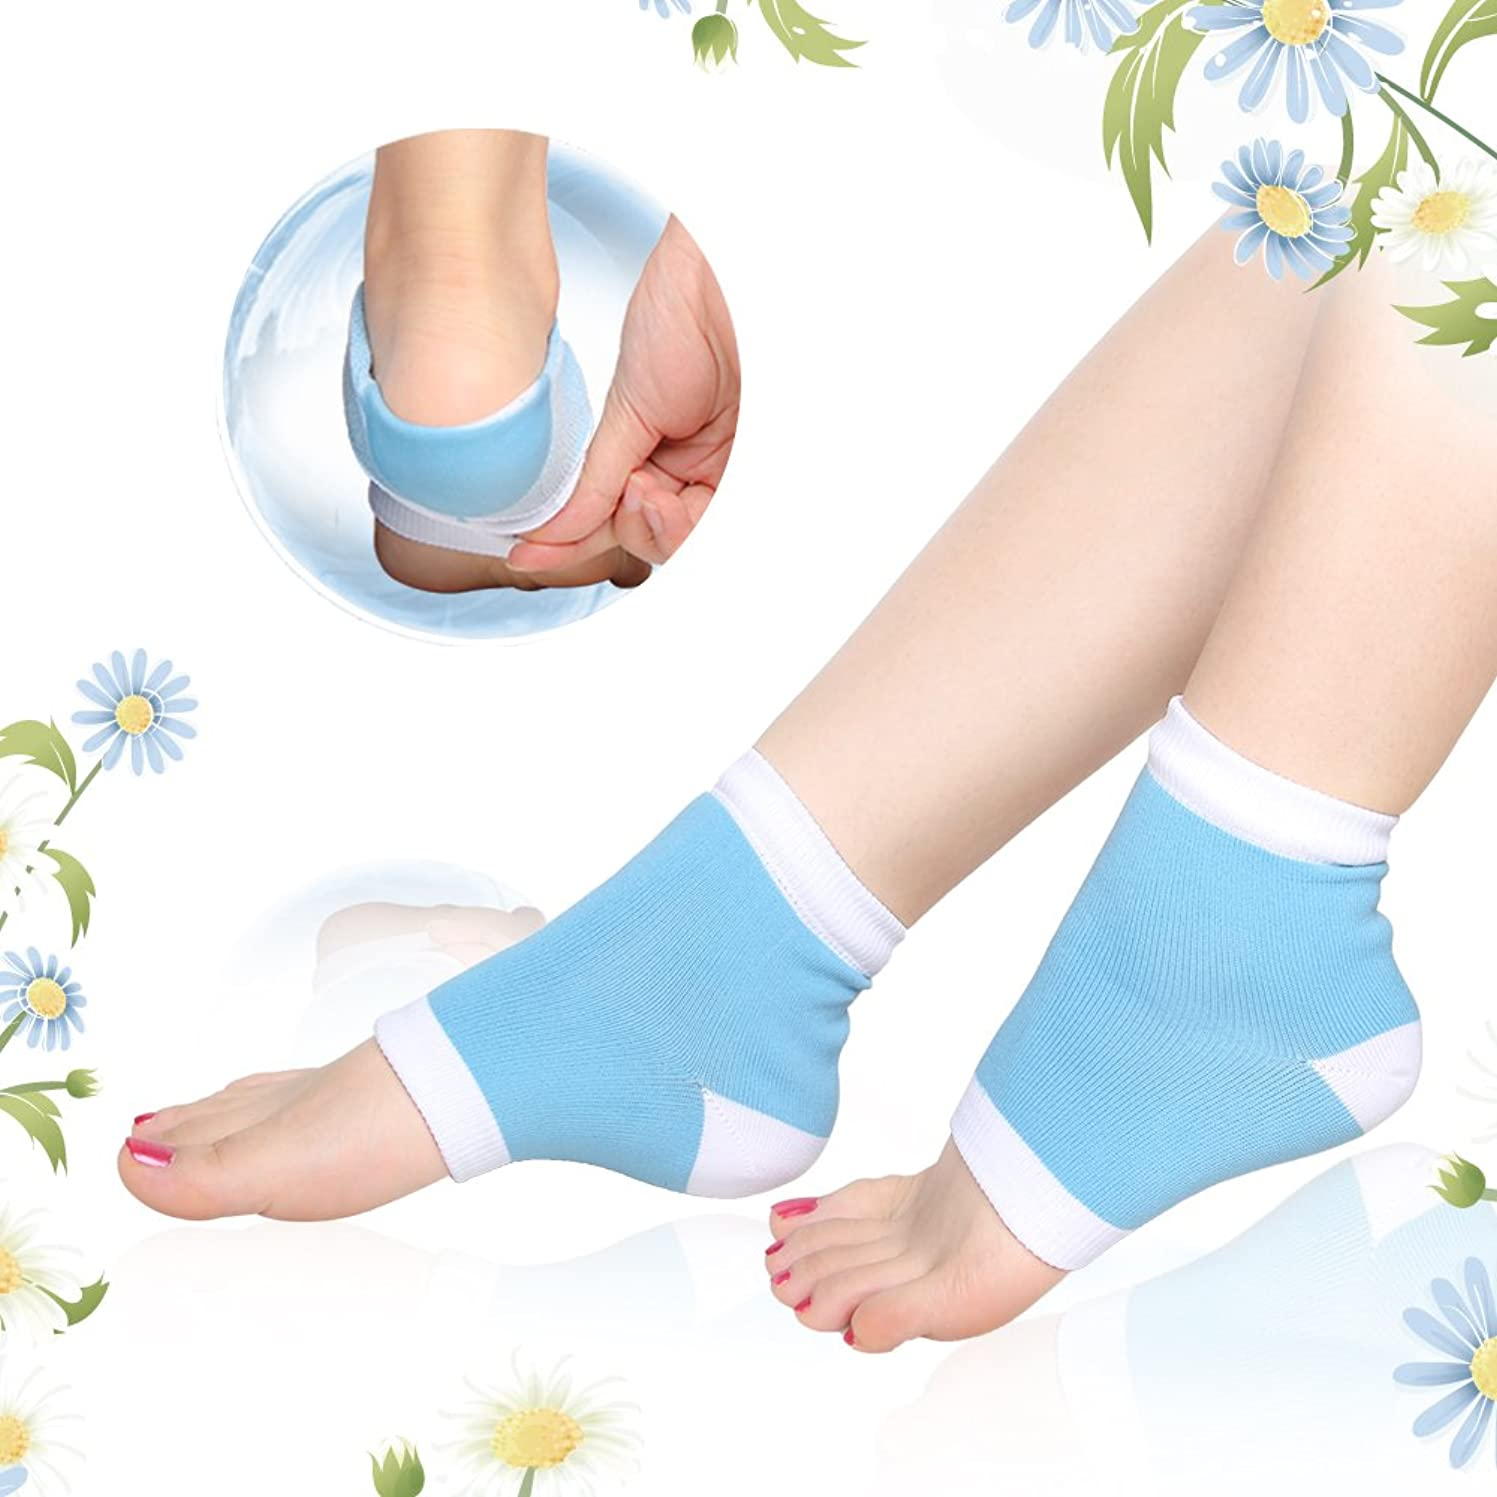 成功する本能原理かかとケア 靴下, ひび/角質ケア 保湿 ソックス うるおい 足首用サポーター フットケア グッズ ヨガソックス 左右セット フリーサイズ By Dr.Orem